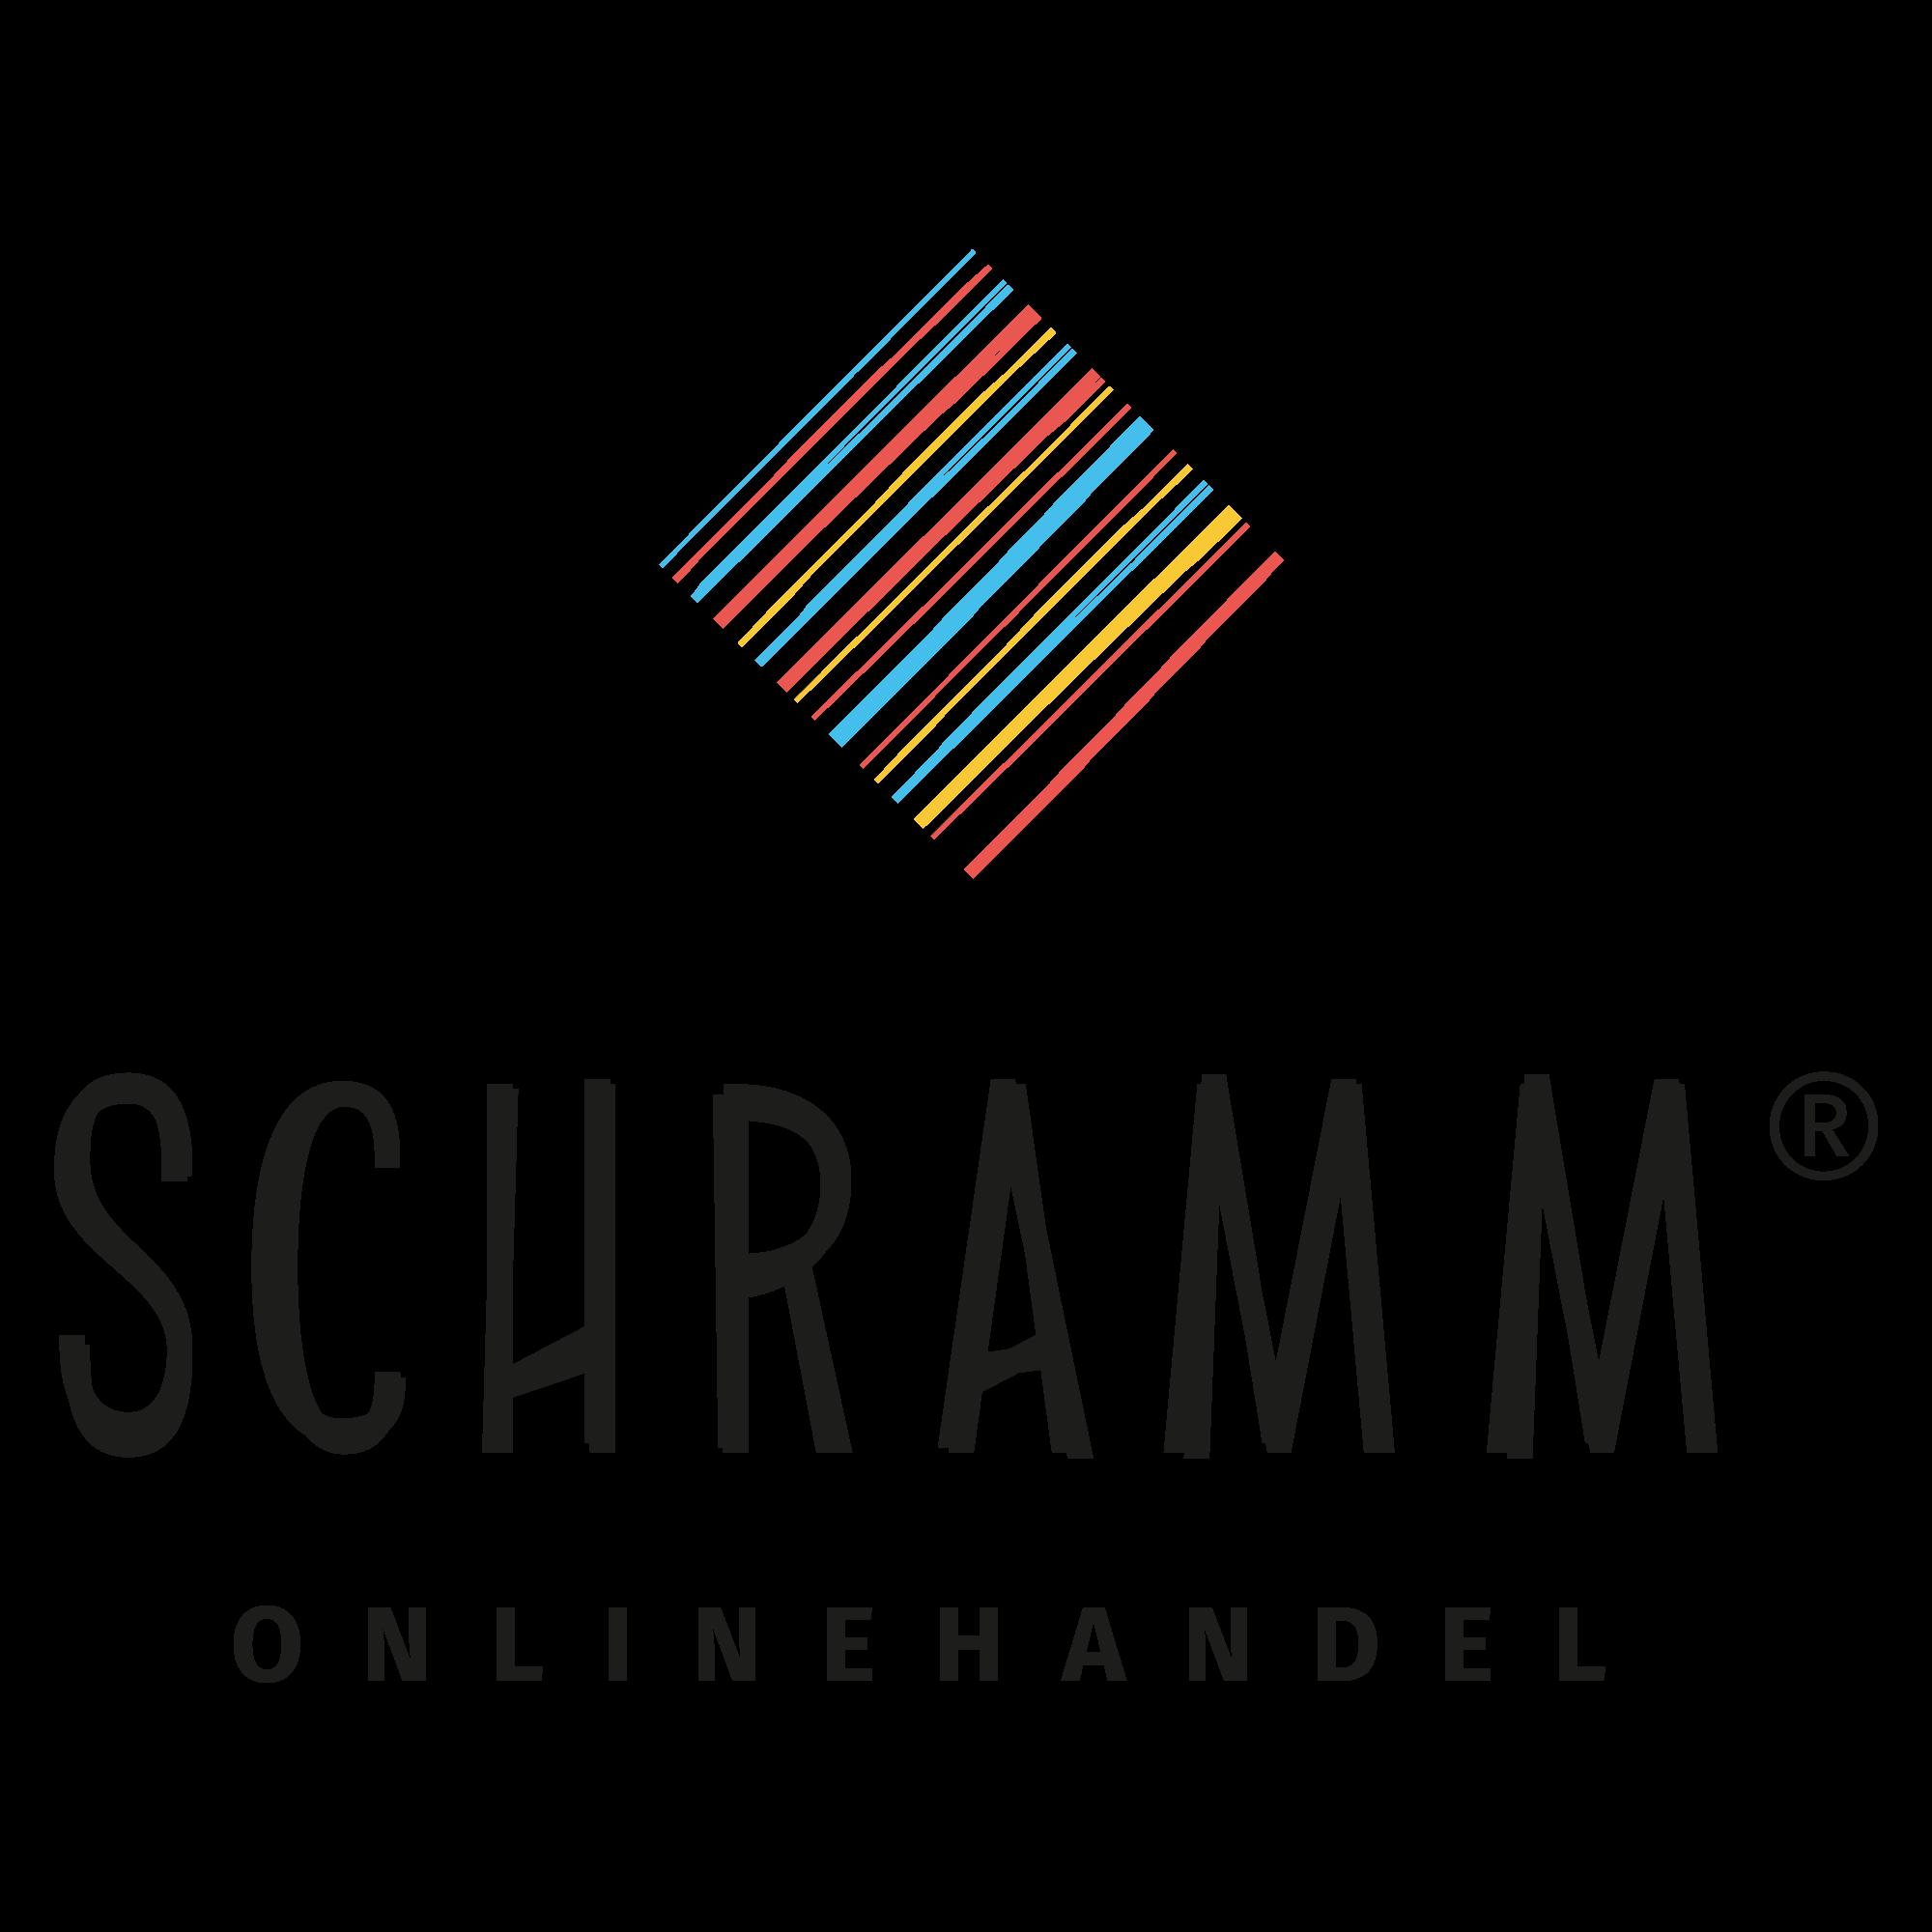 Schramm Onlinehandel